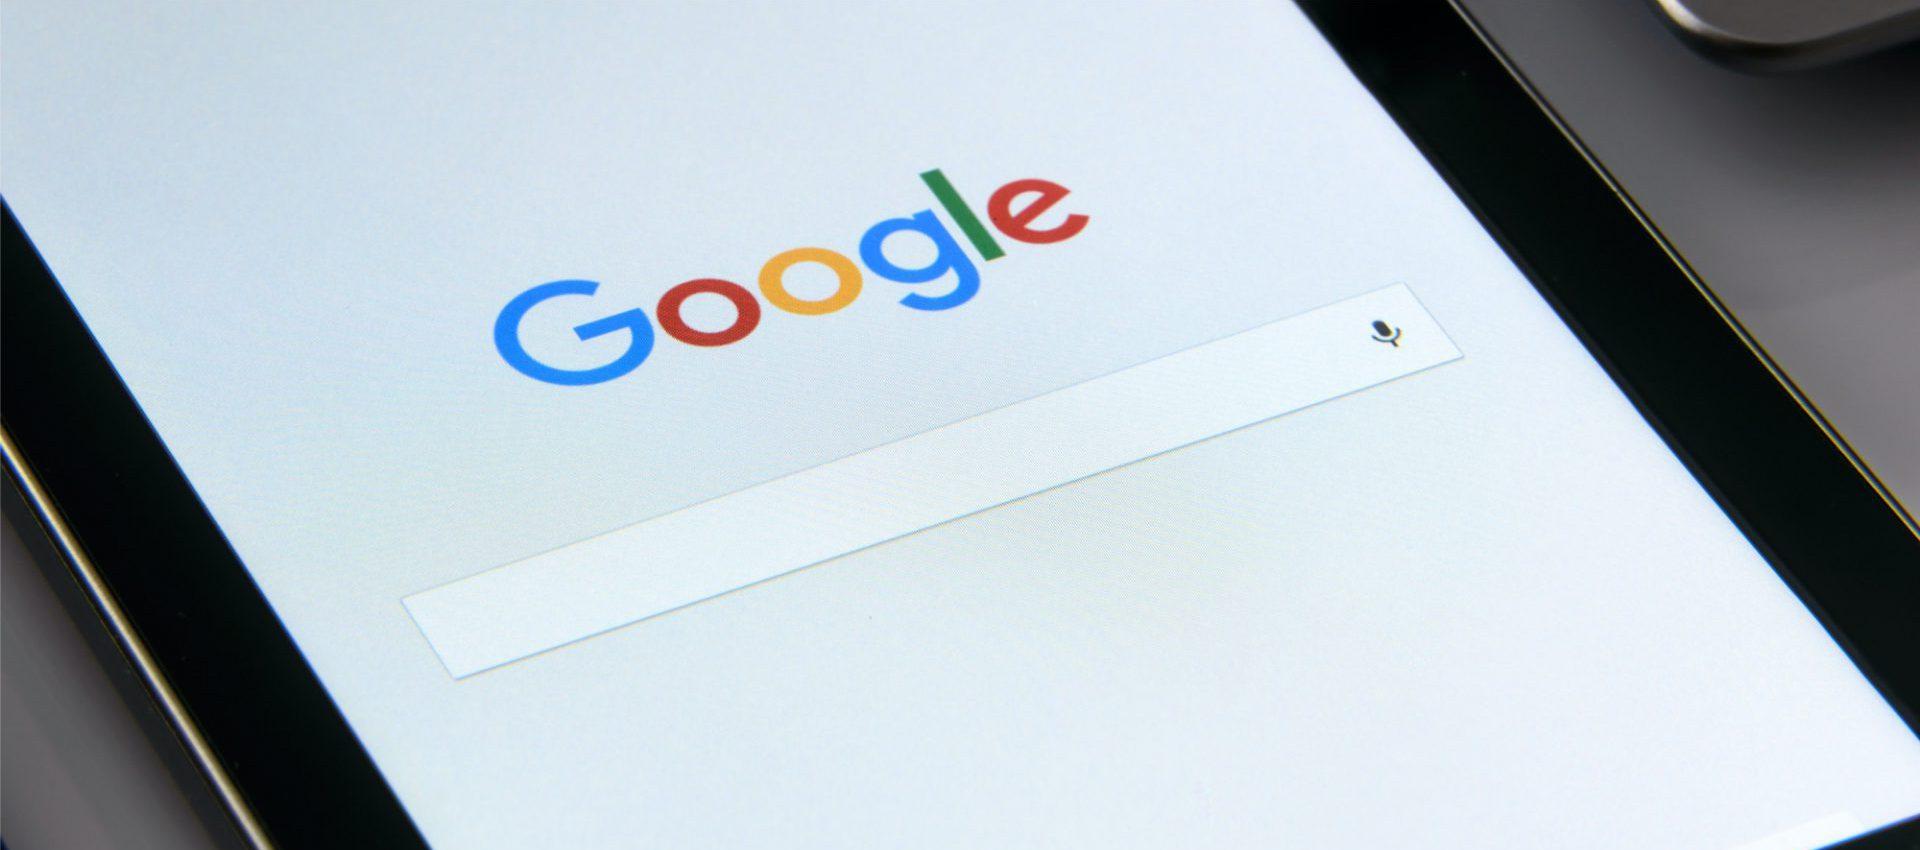 Afbeelding voor Google Search prefereert websites met goede UX in nieuwe richtlijnen